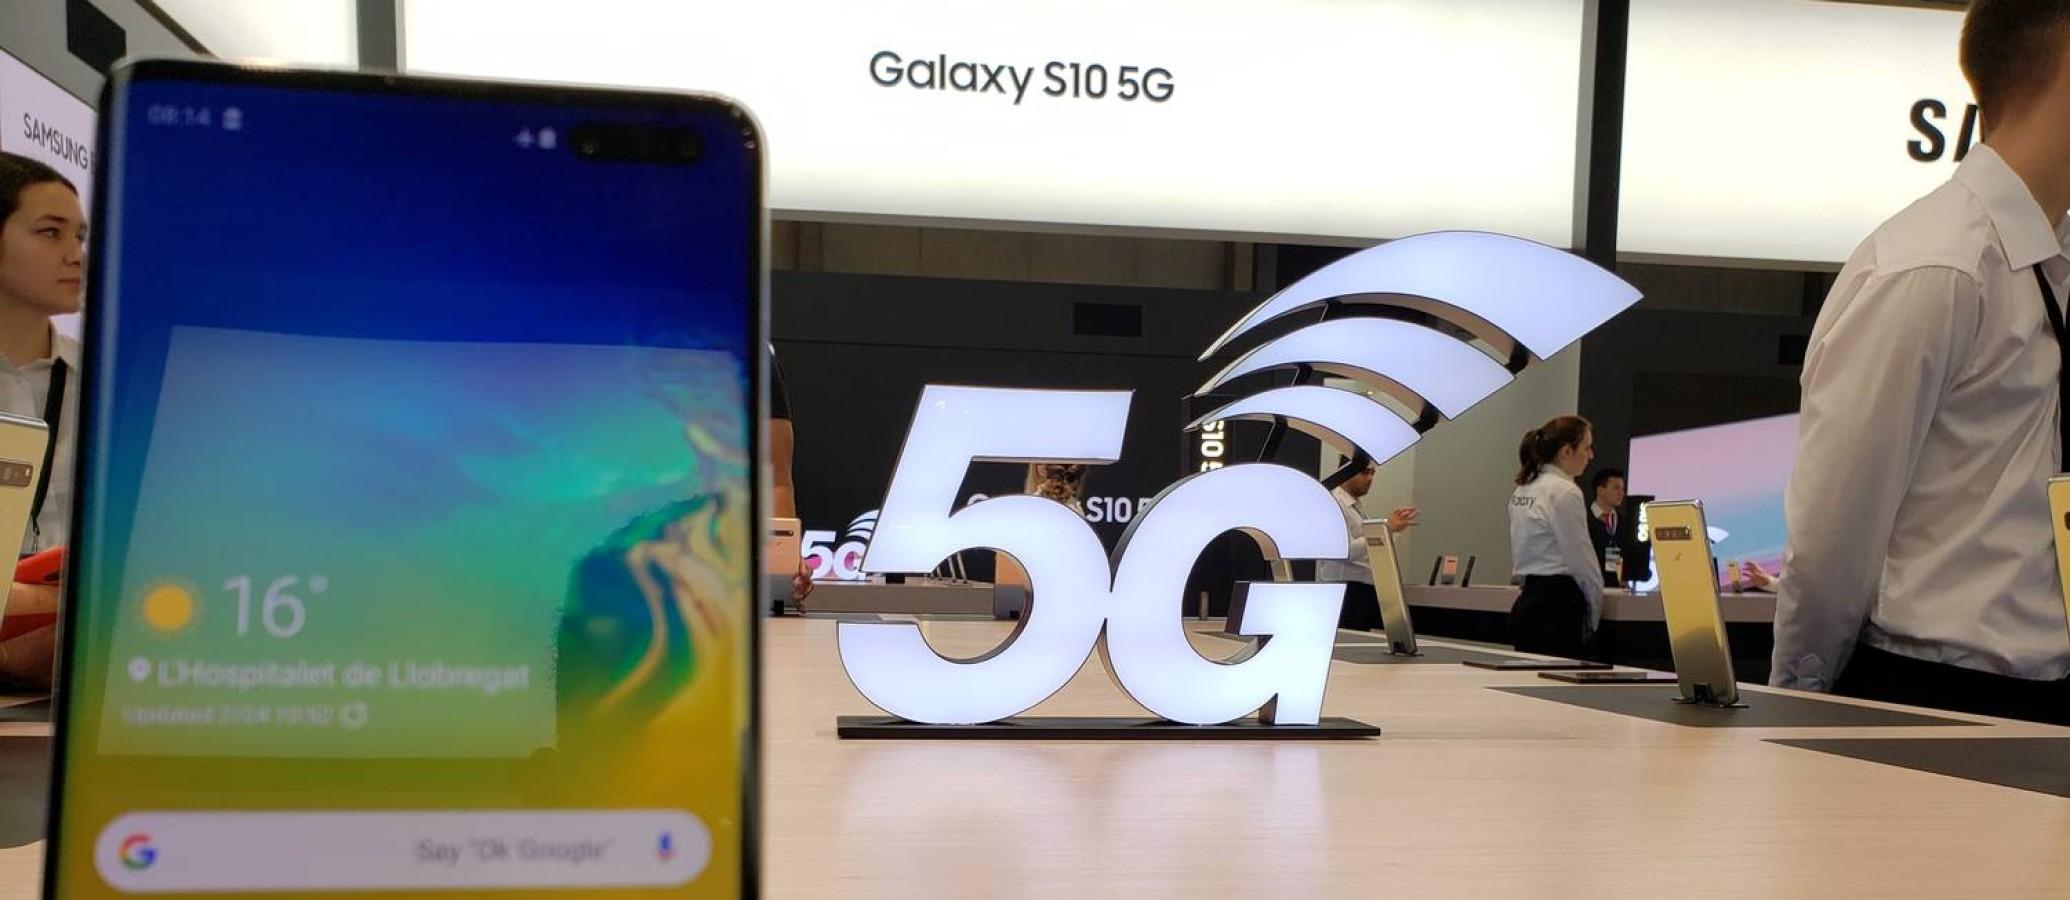 Celulares com tecnologia 5G: realidade no mundo, mas sonho distante no Brasil